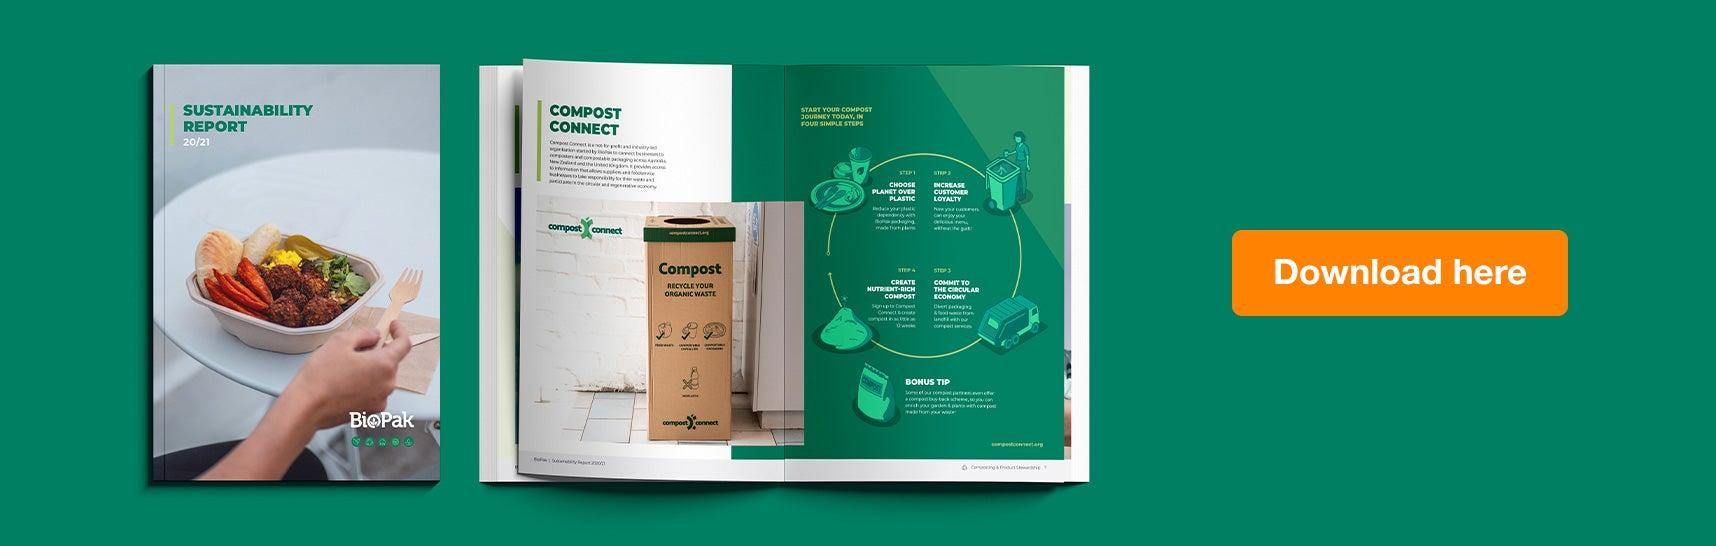 sustainability-report-2021_1.jpg